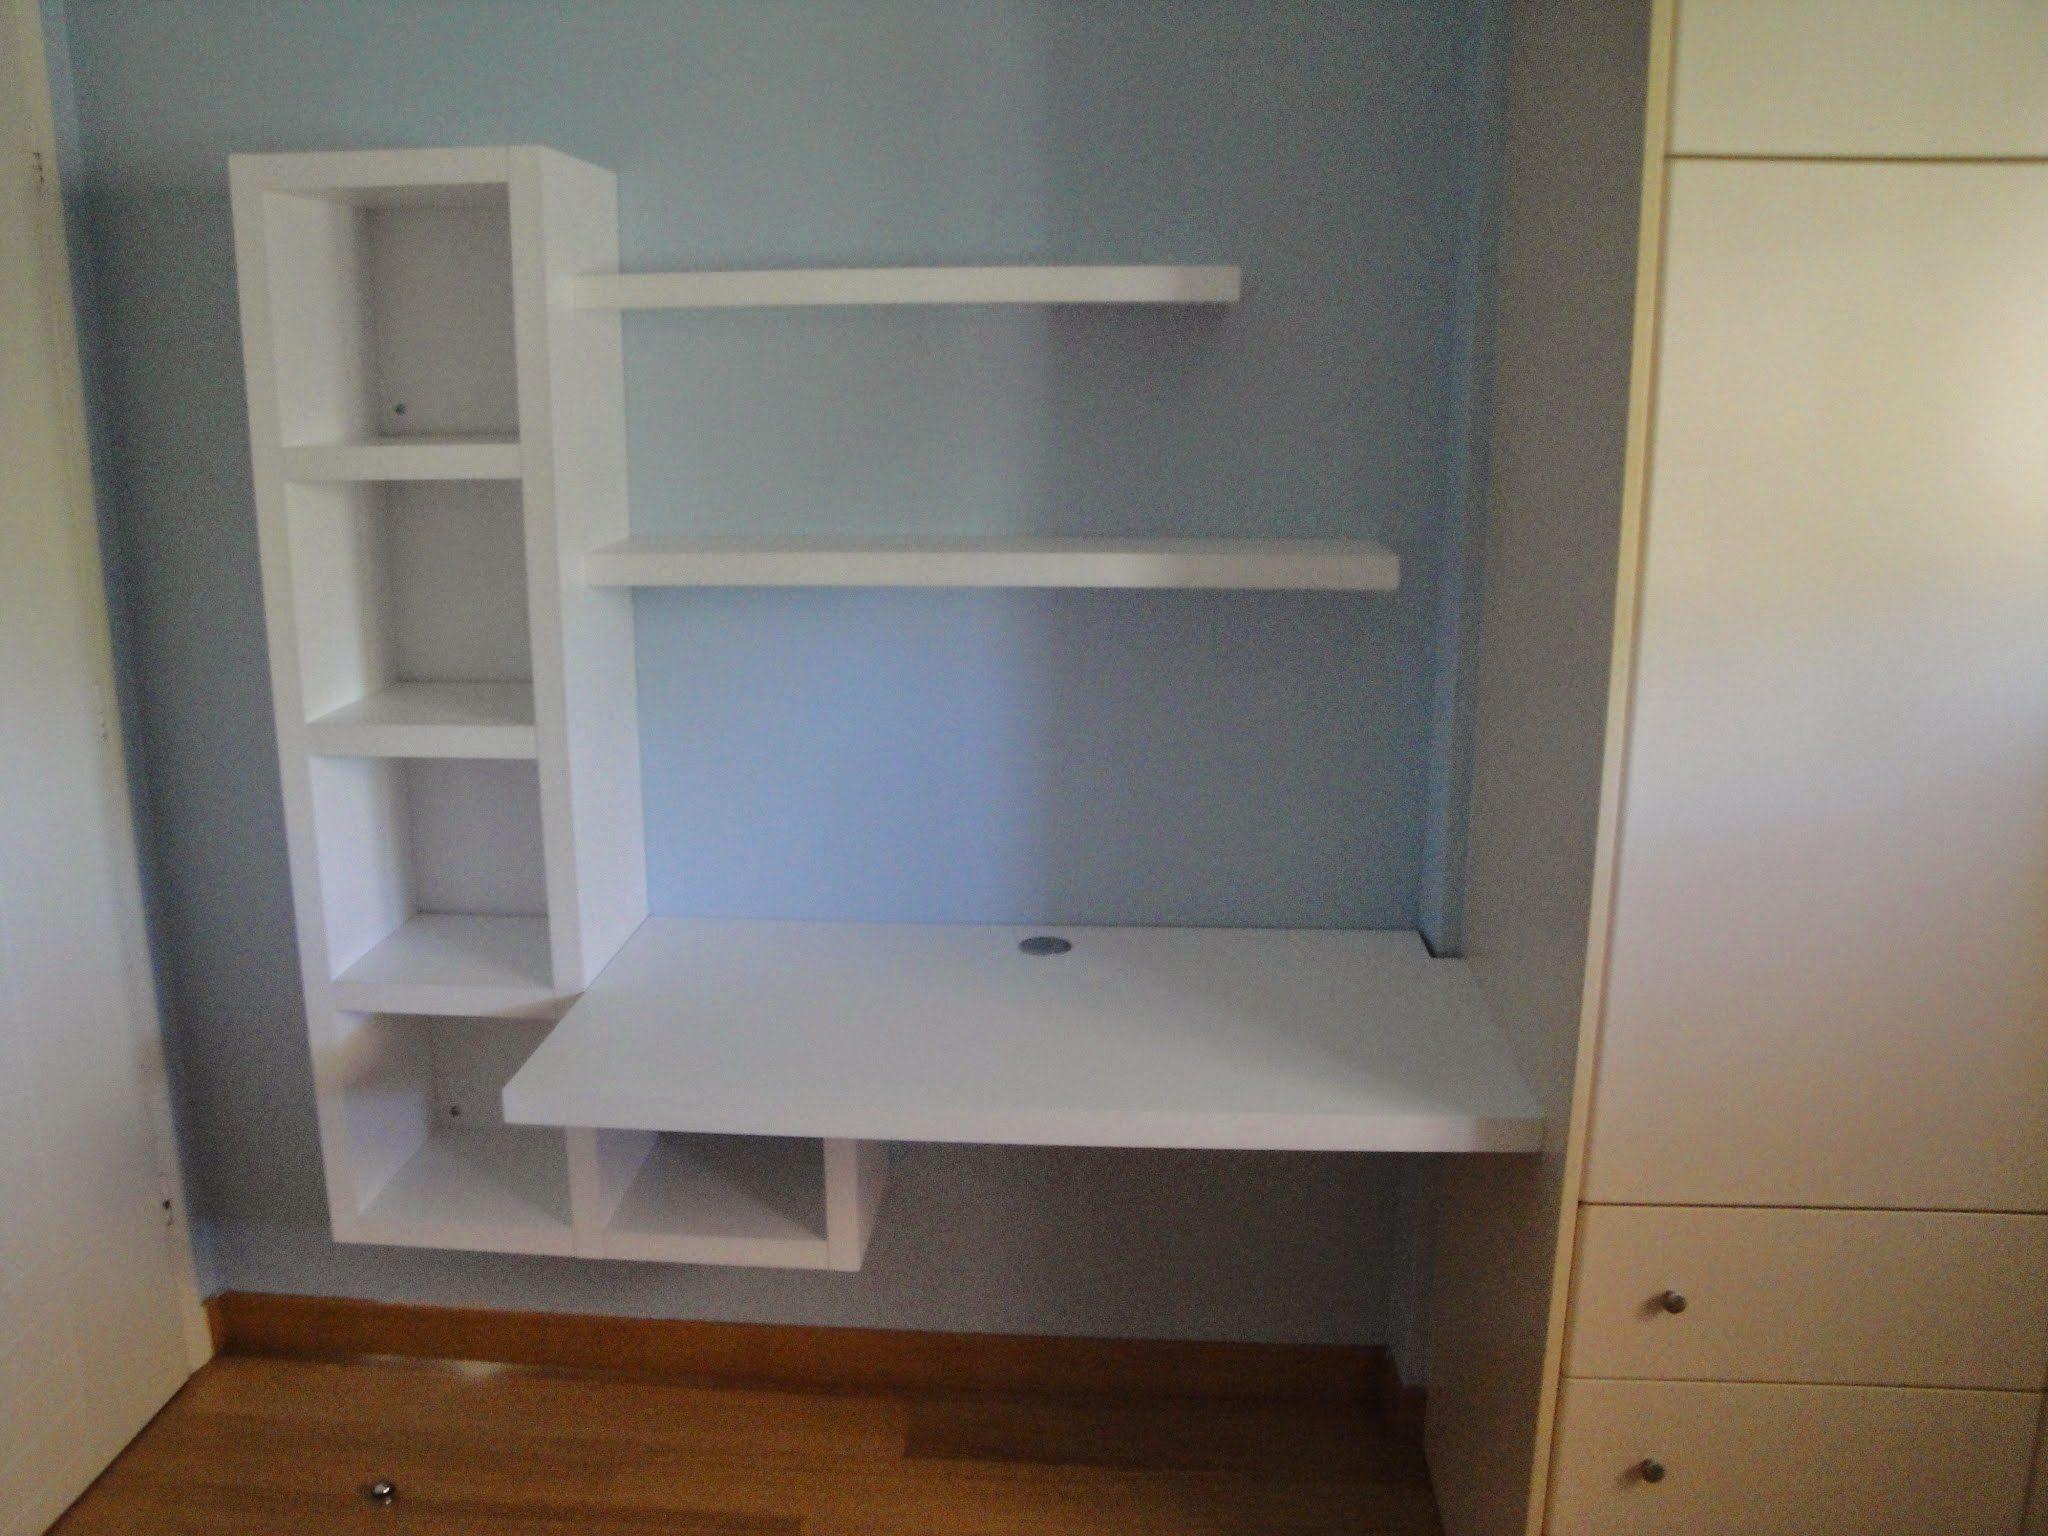 Γραφείο και βιβλιοθήκη σε μικρό παιδικό δωμάτιο,(τίποτα δεν πατάει στο πάτωμα). Βαφή λάκα λευκή.